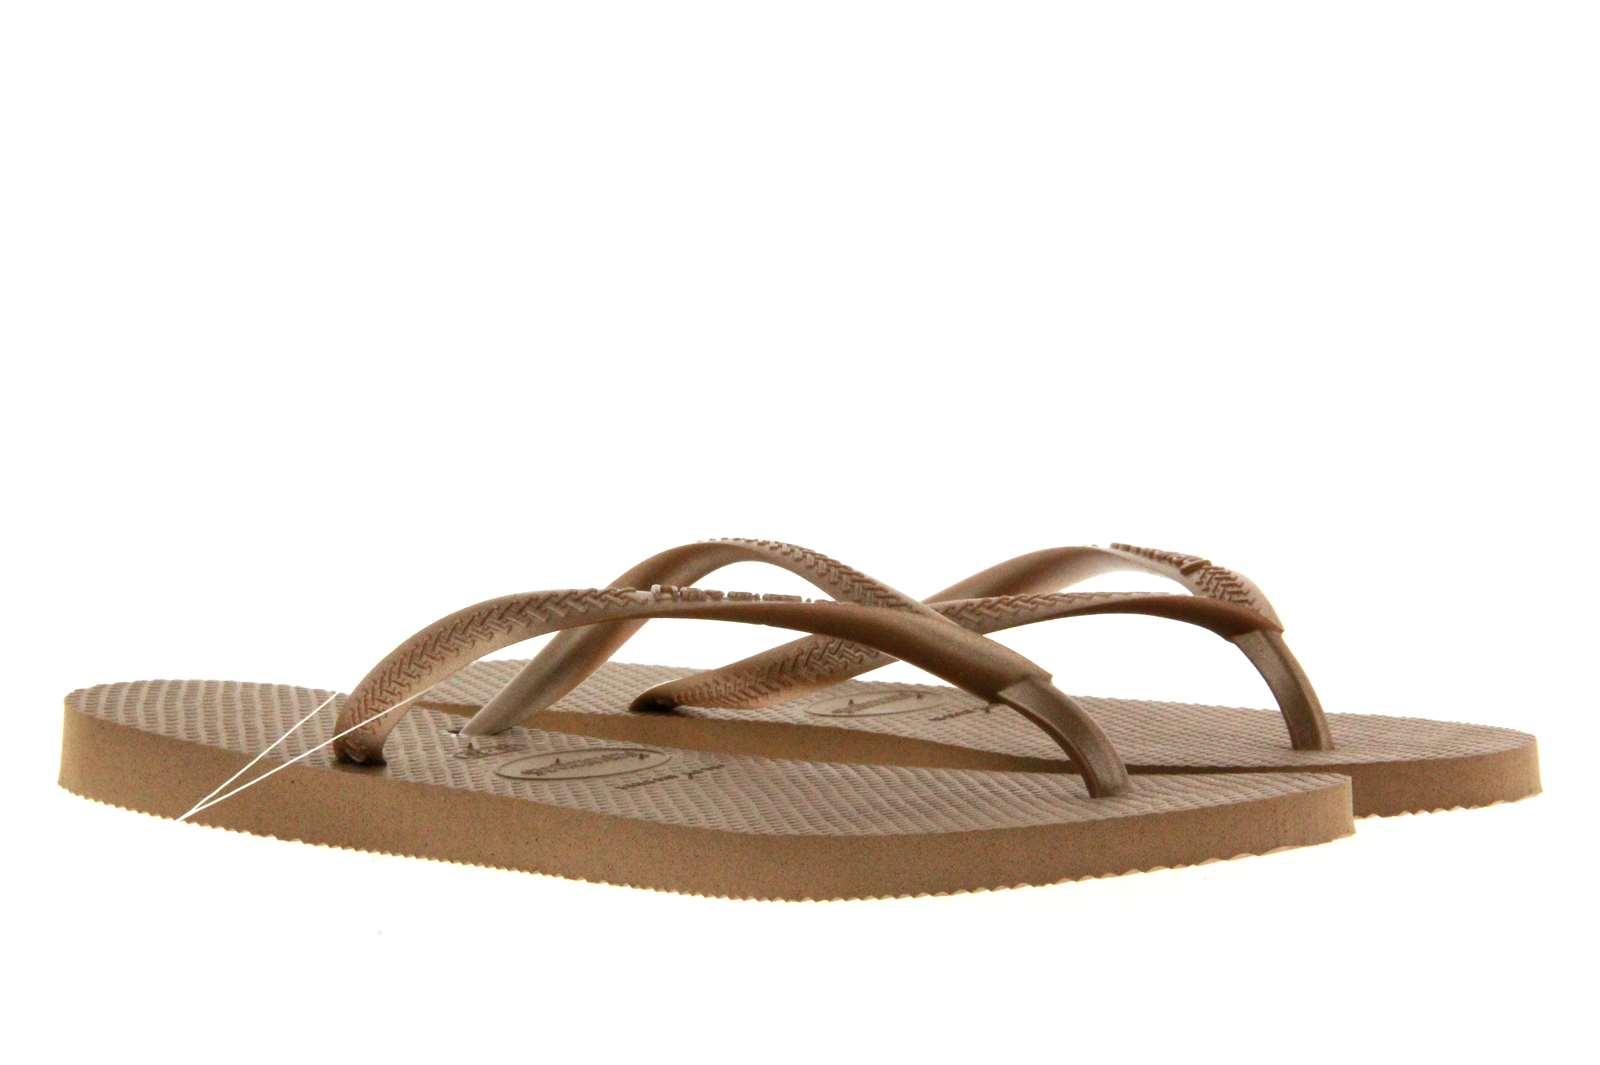 Havaianas toe sandals SLIM ROSE GOLD